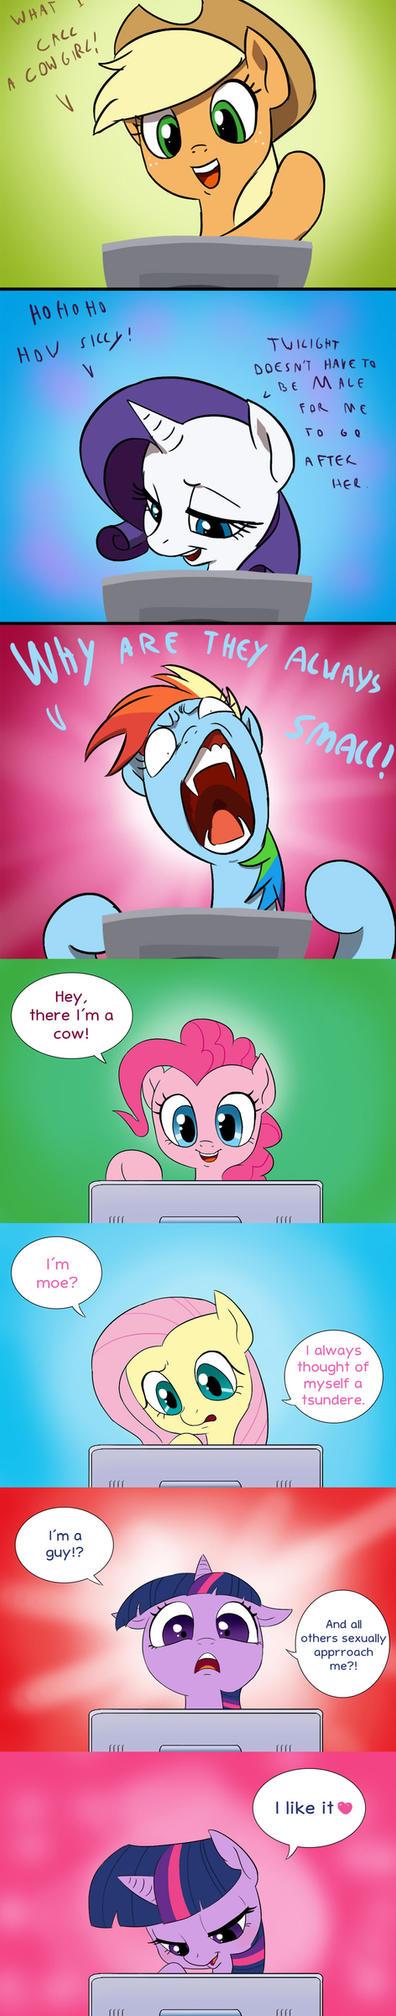 Doki doki Omake: Pony reaction by xXAngeLuciferXx